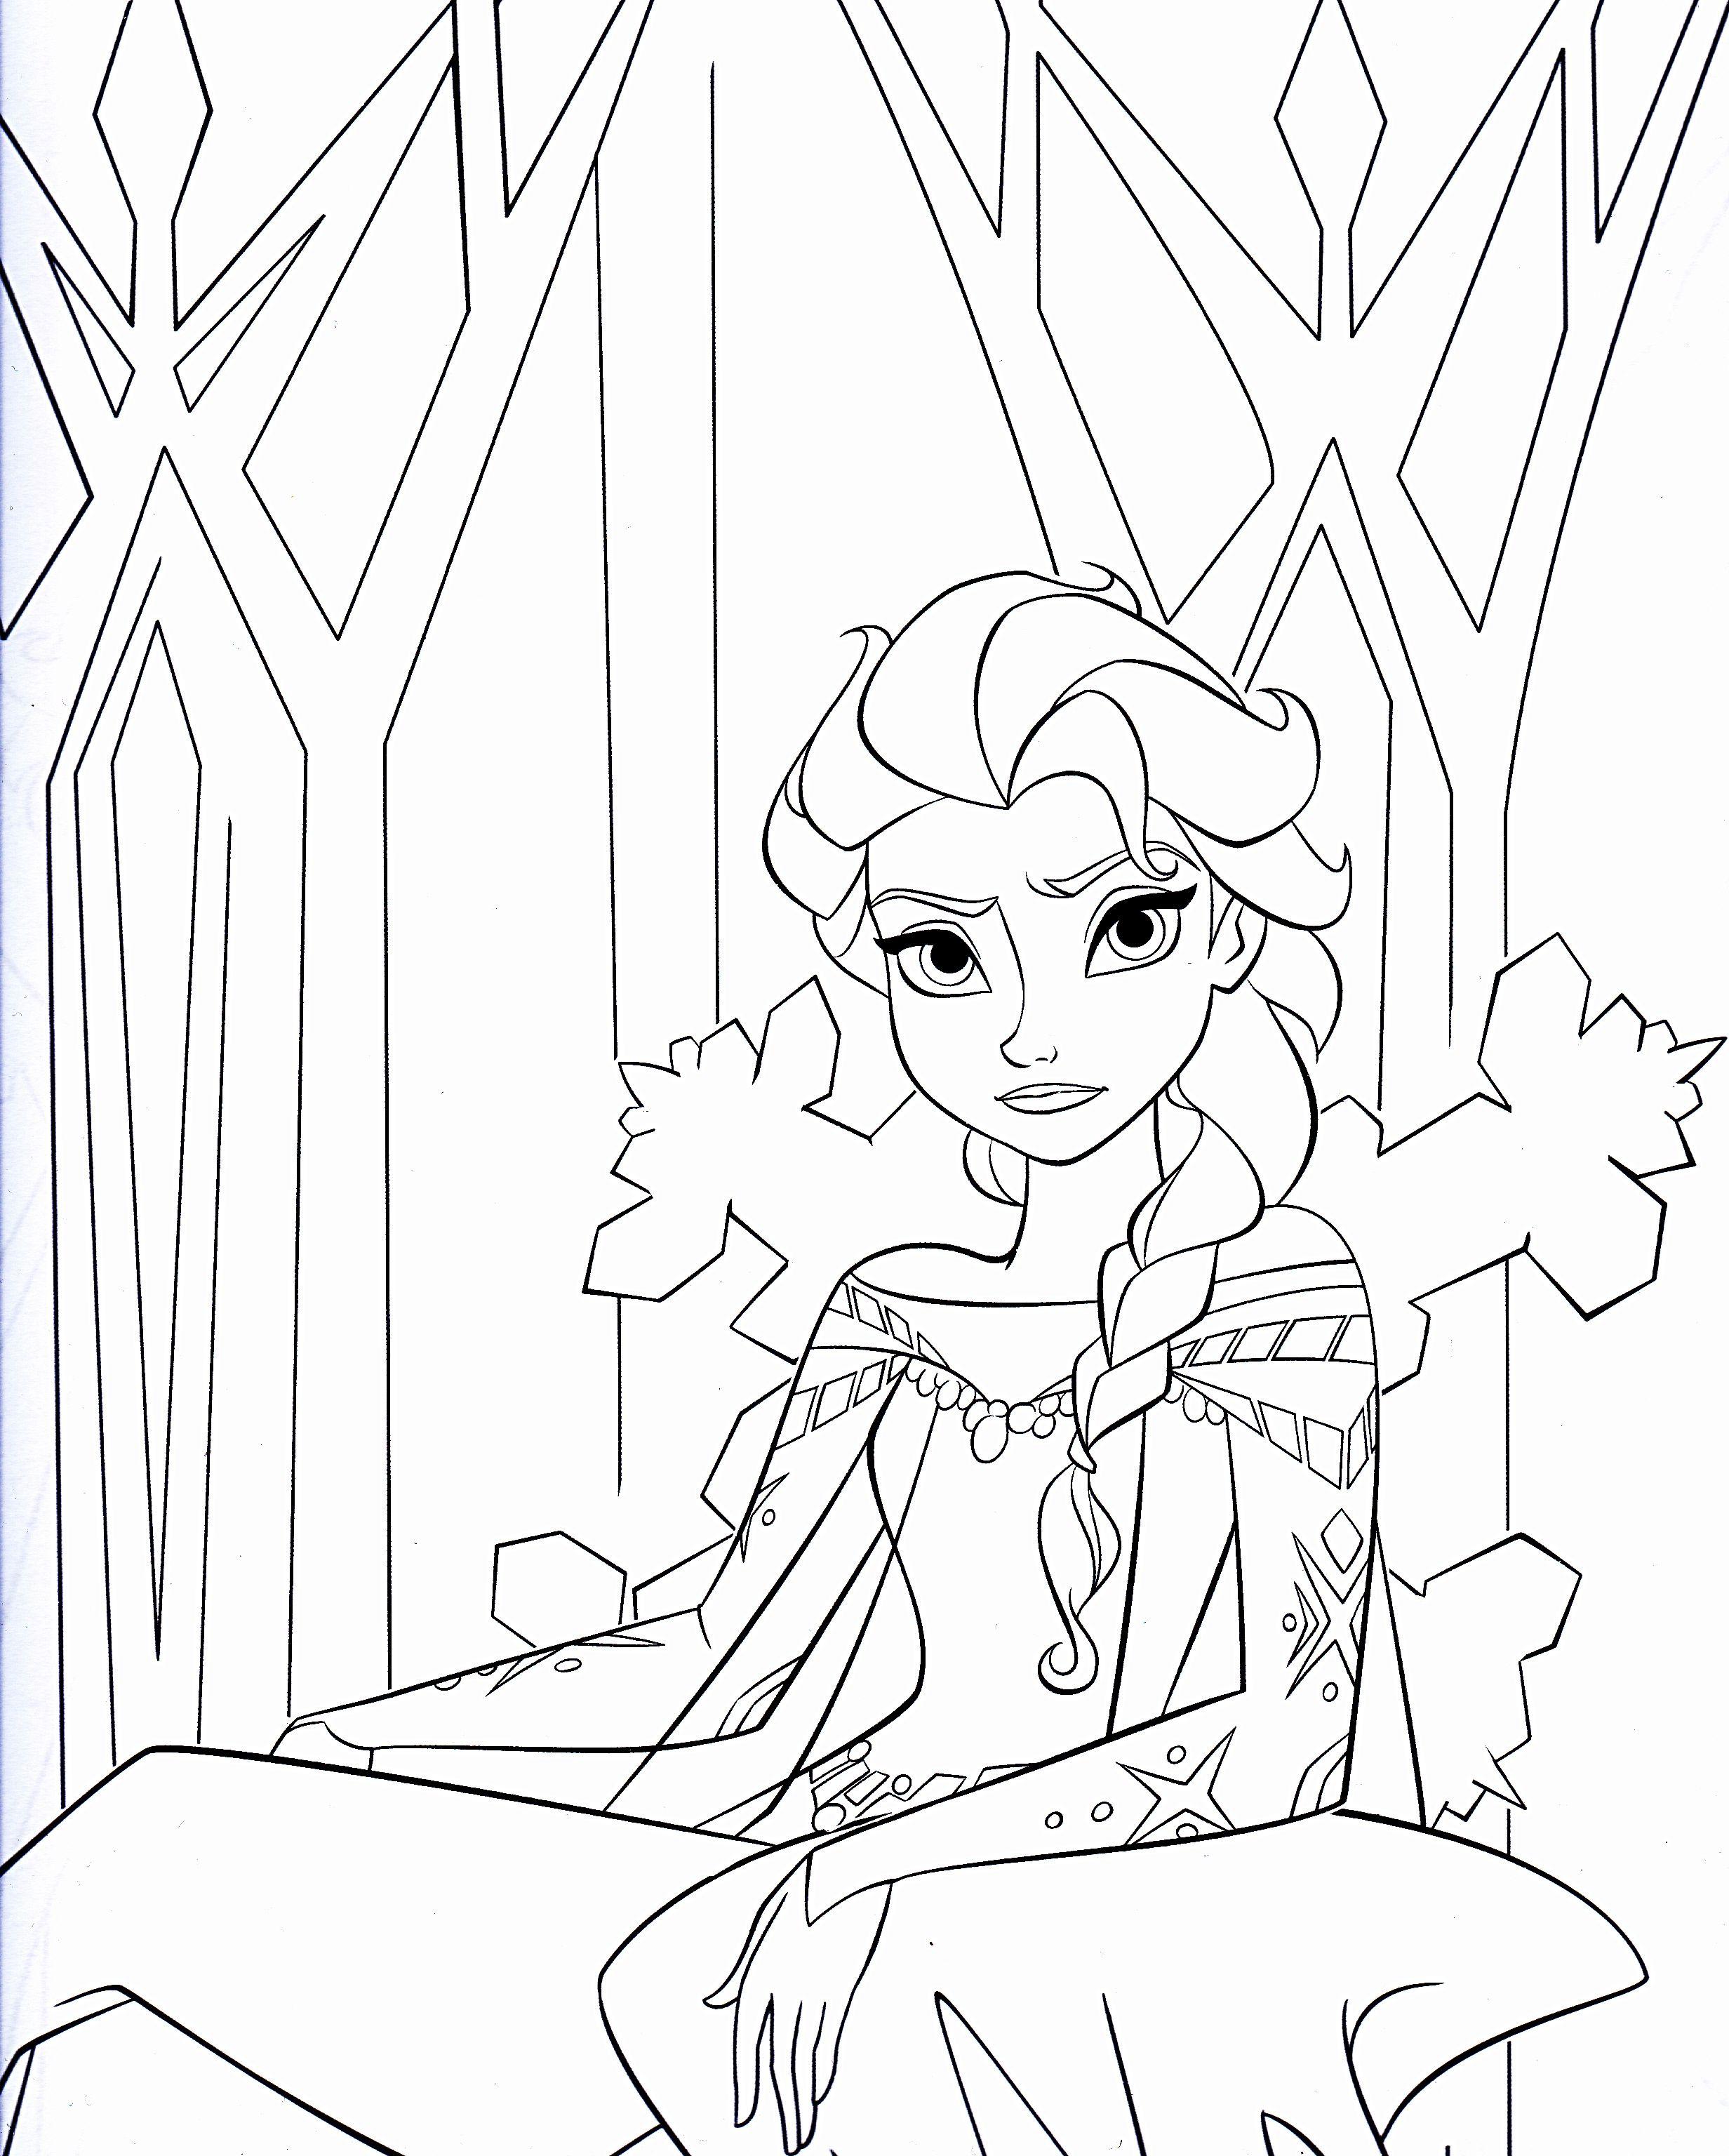 Disney Frozen Coloring Pages Walt Disney Coloring Pages Queen Elsa Walt Disney Characters Ph Personagens Frozen Desenhos Para Colorir Frozen Elsa Desenho